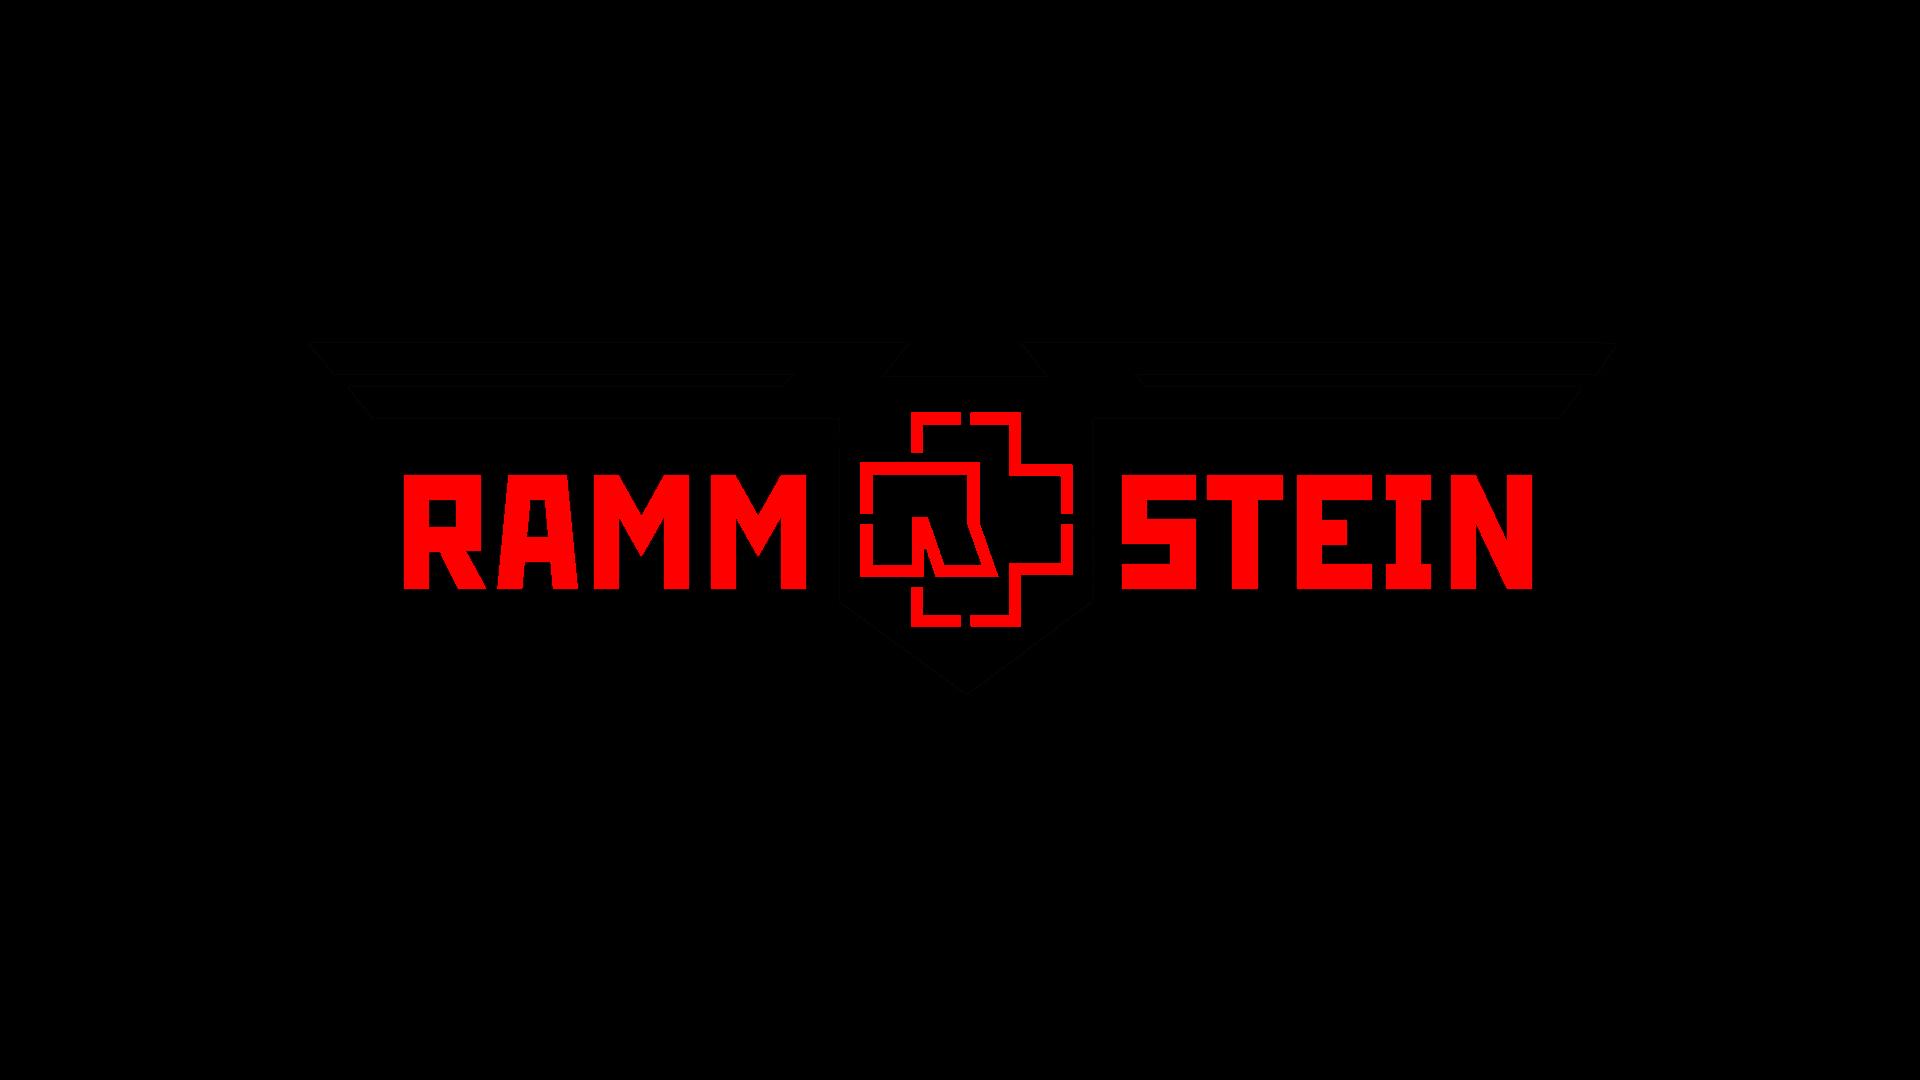 логотип рамштайн фото